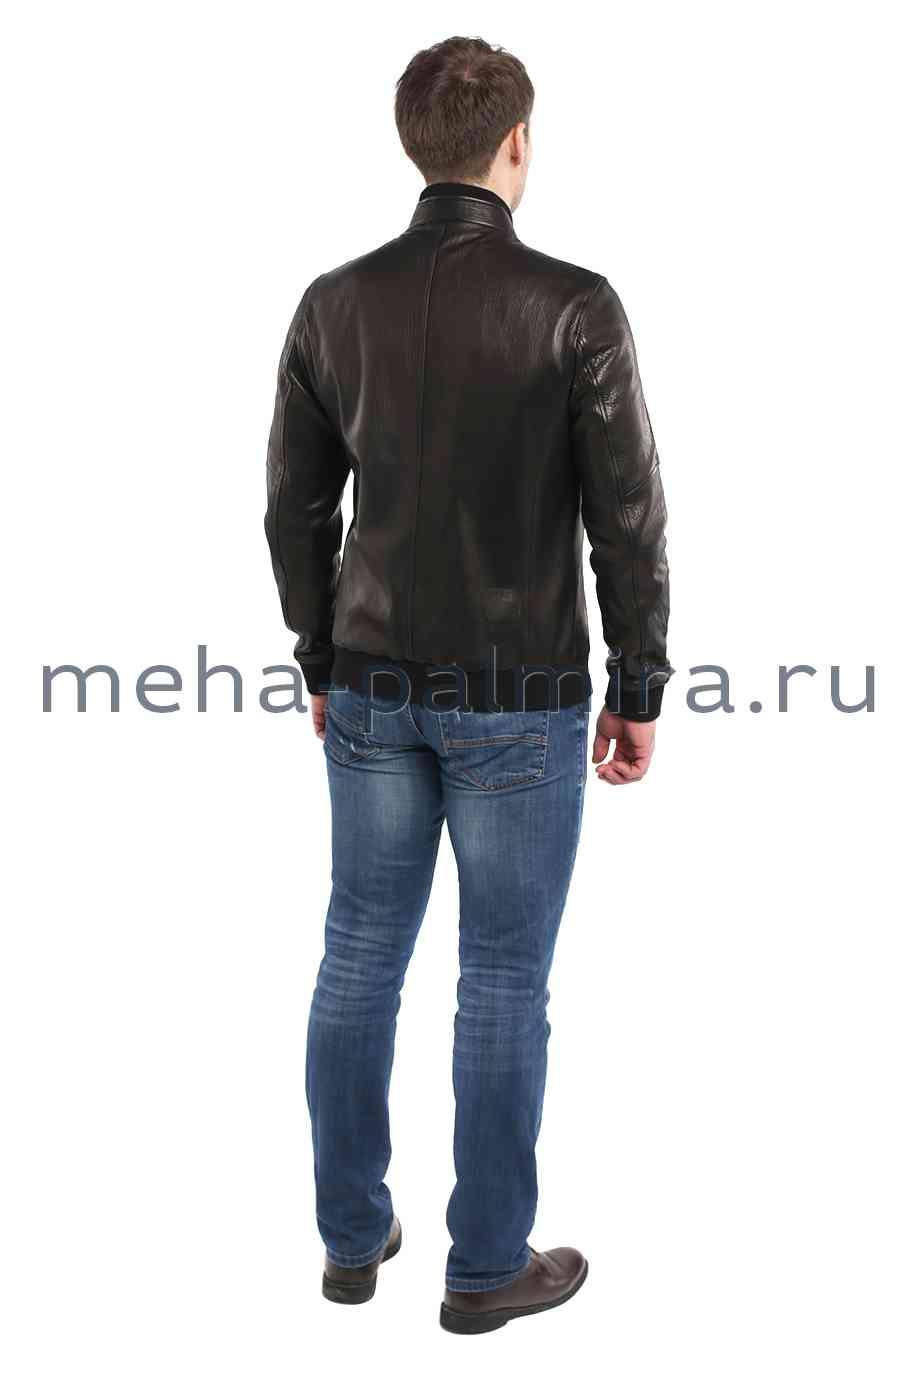 Мужская куртка бомбер черного цвета